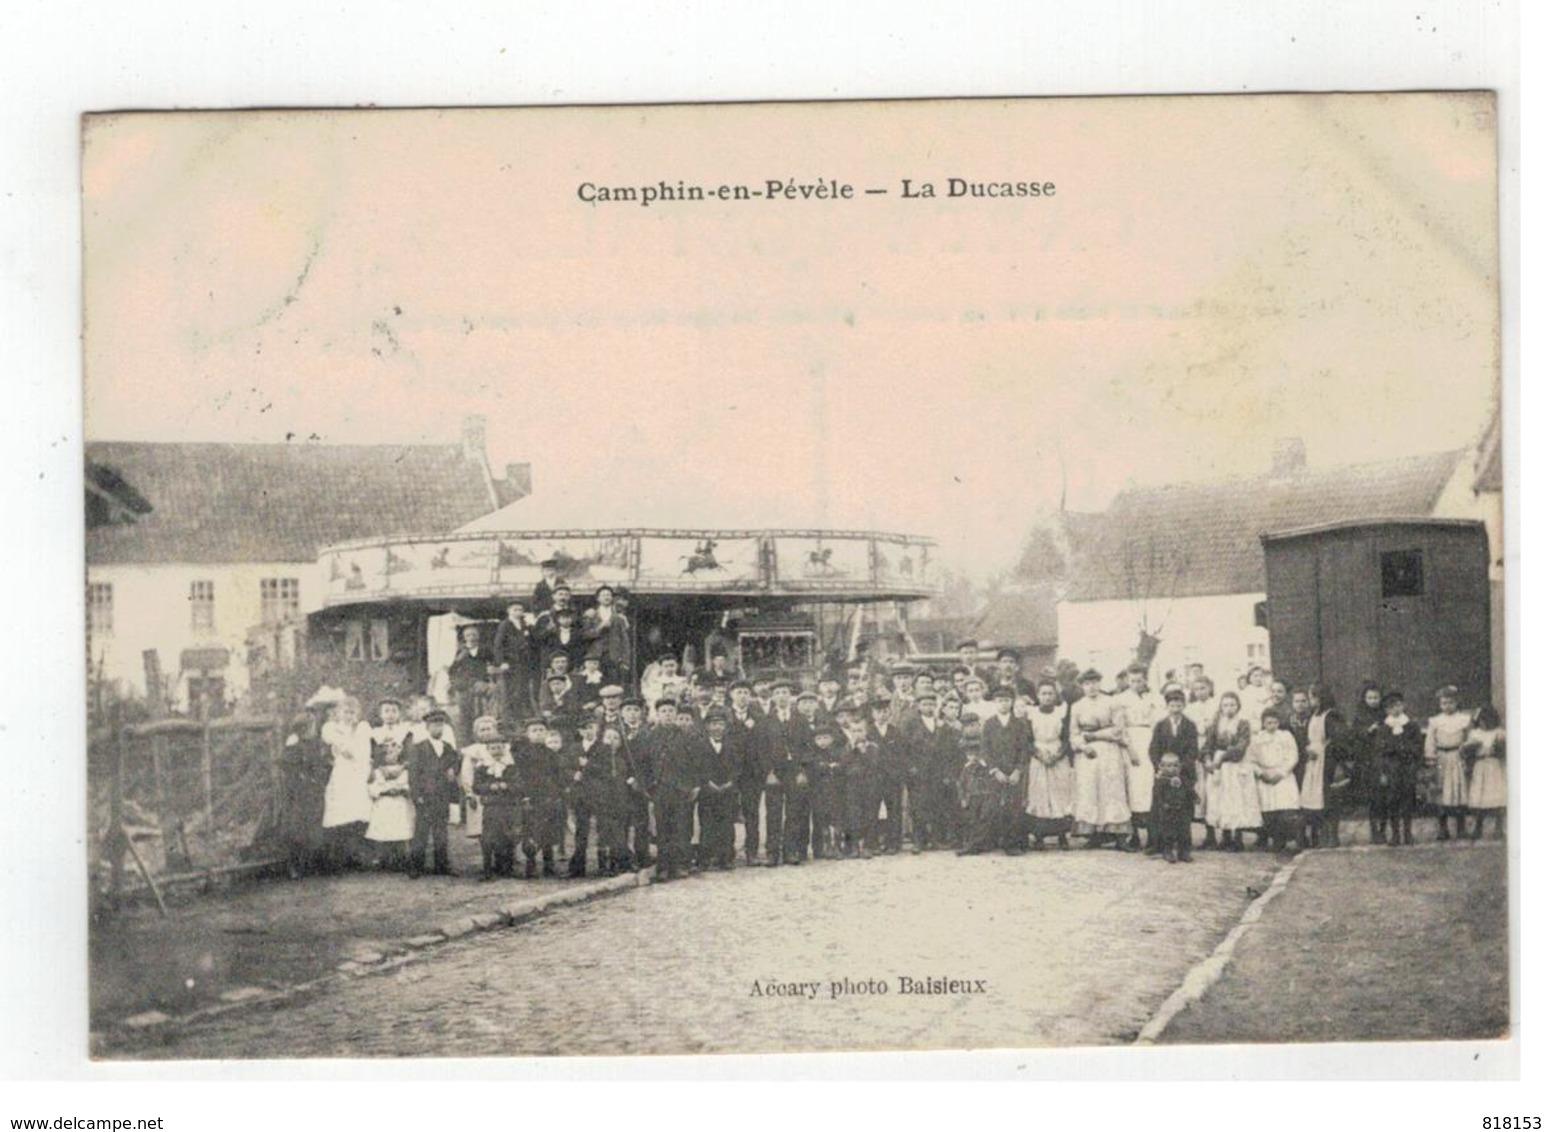 Camphin-en-Pévèle  -  La Ducasse   1911 - Autres Communes